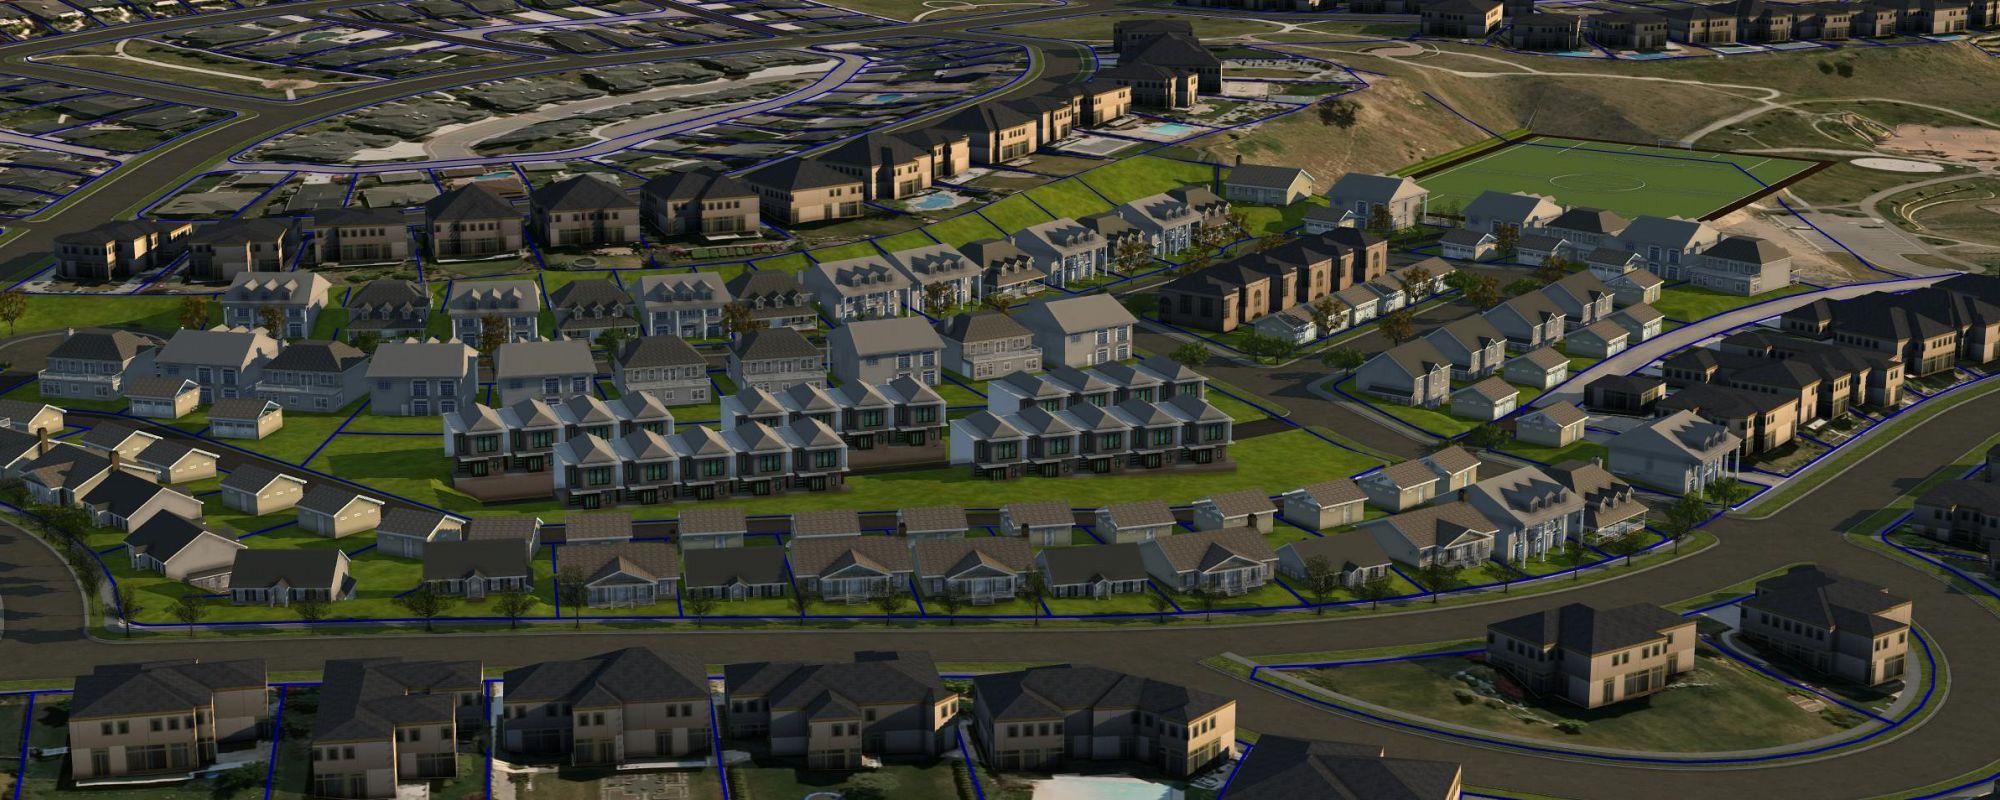 Background Property Developments : Property background